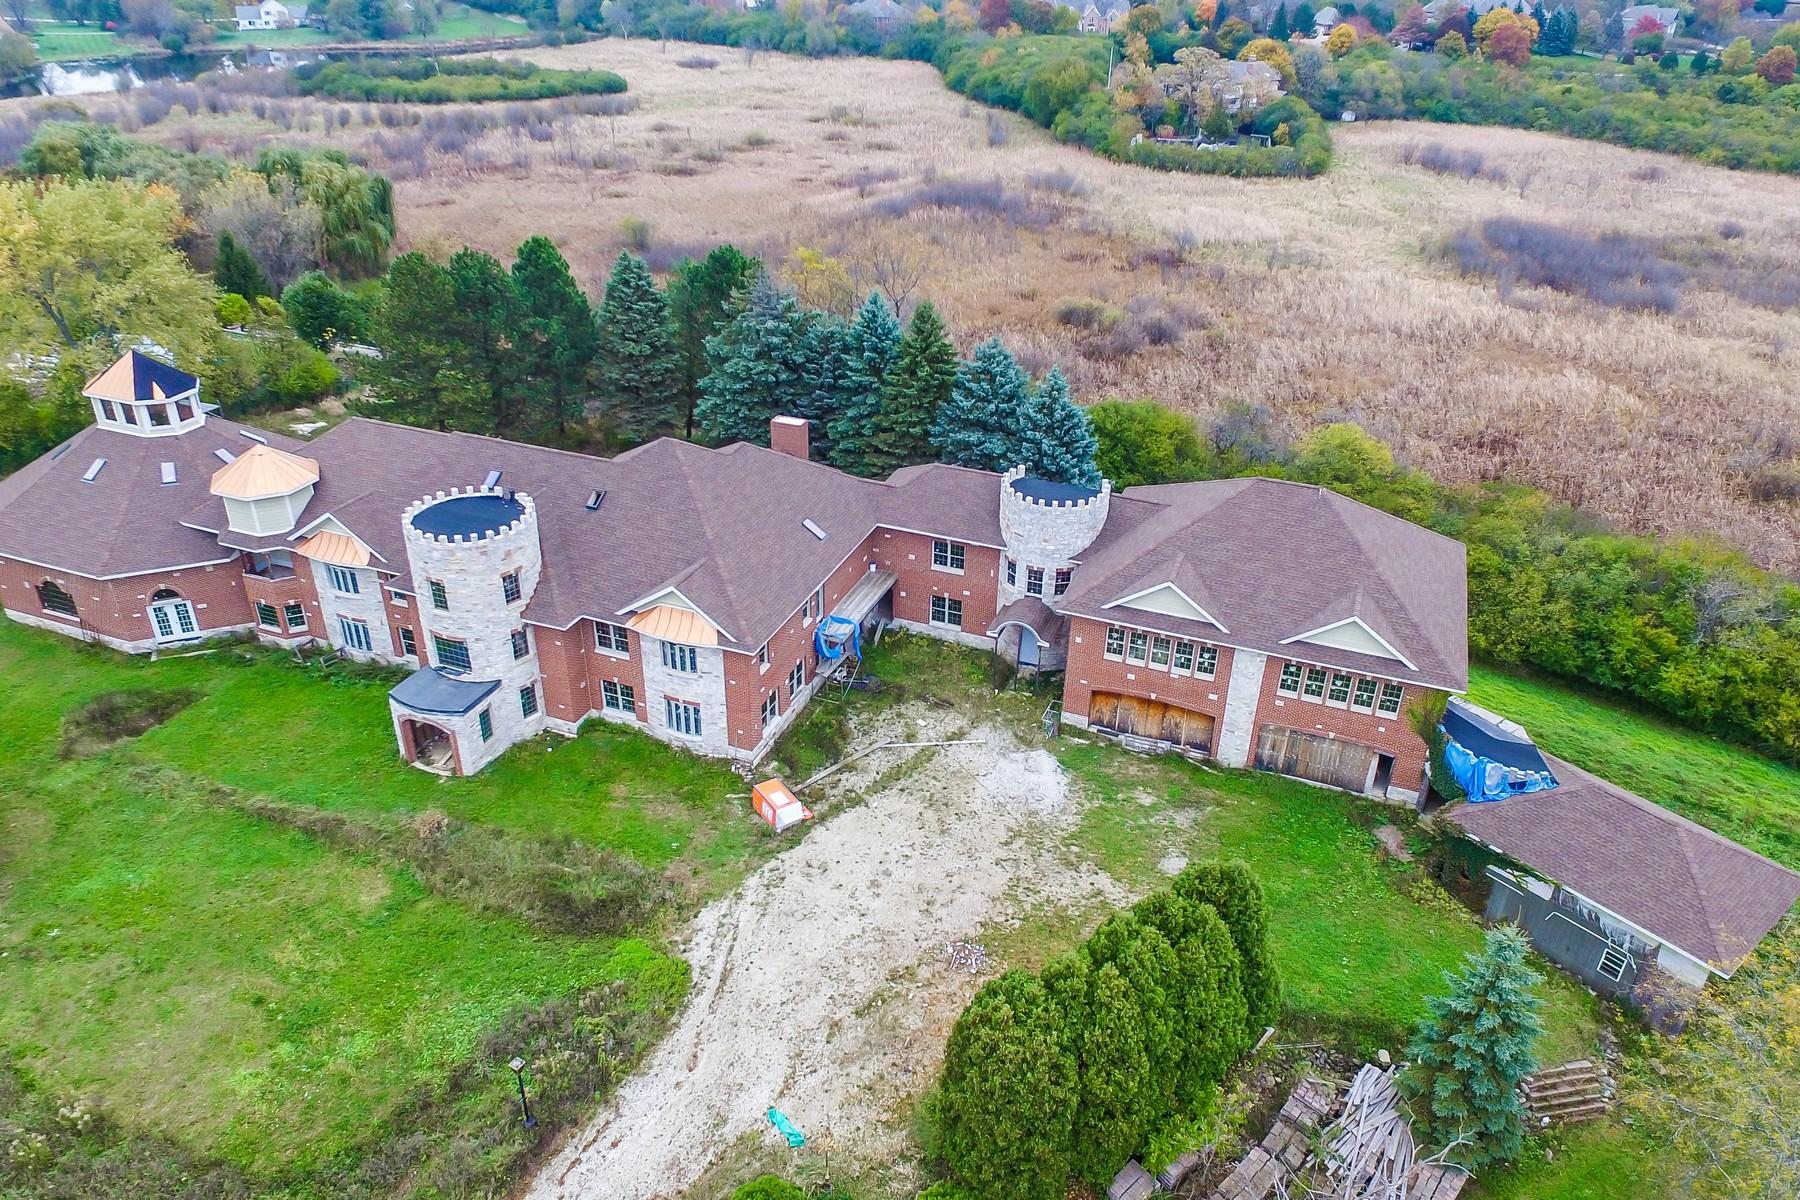 Maison unifamiliale pour l Vente à Eight Bedroom Stunning Barrington Estate 24575 N Illinois Route 59 Road Barrington, Illinois, 60010 États-Unis